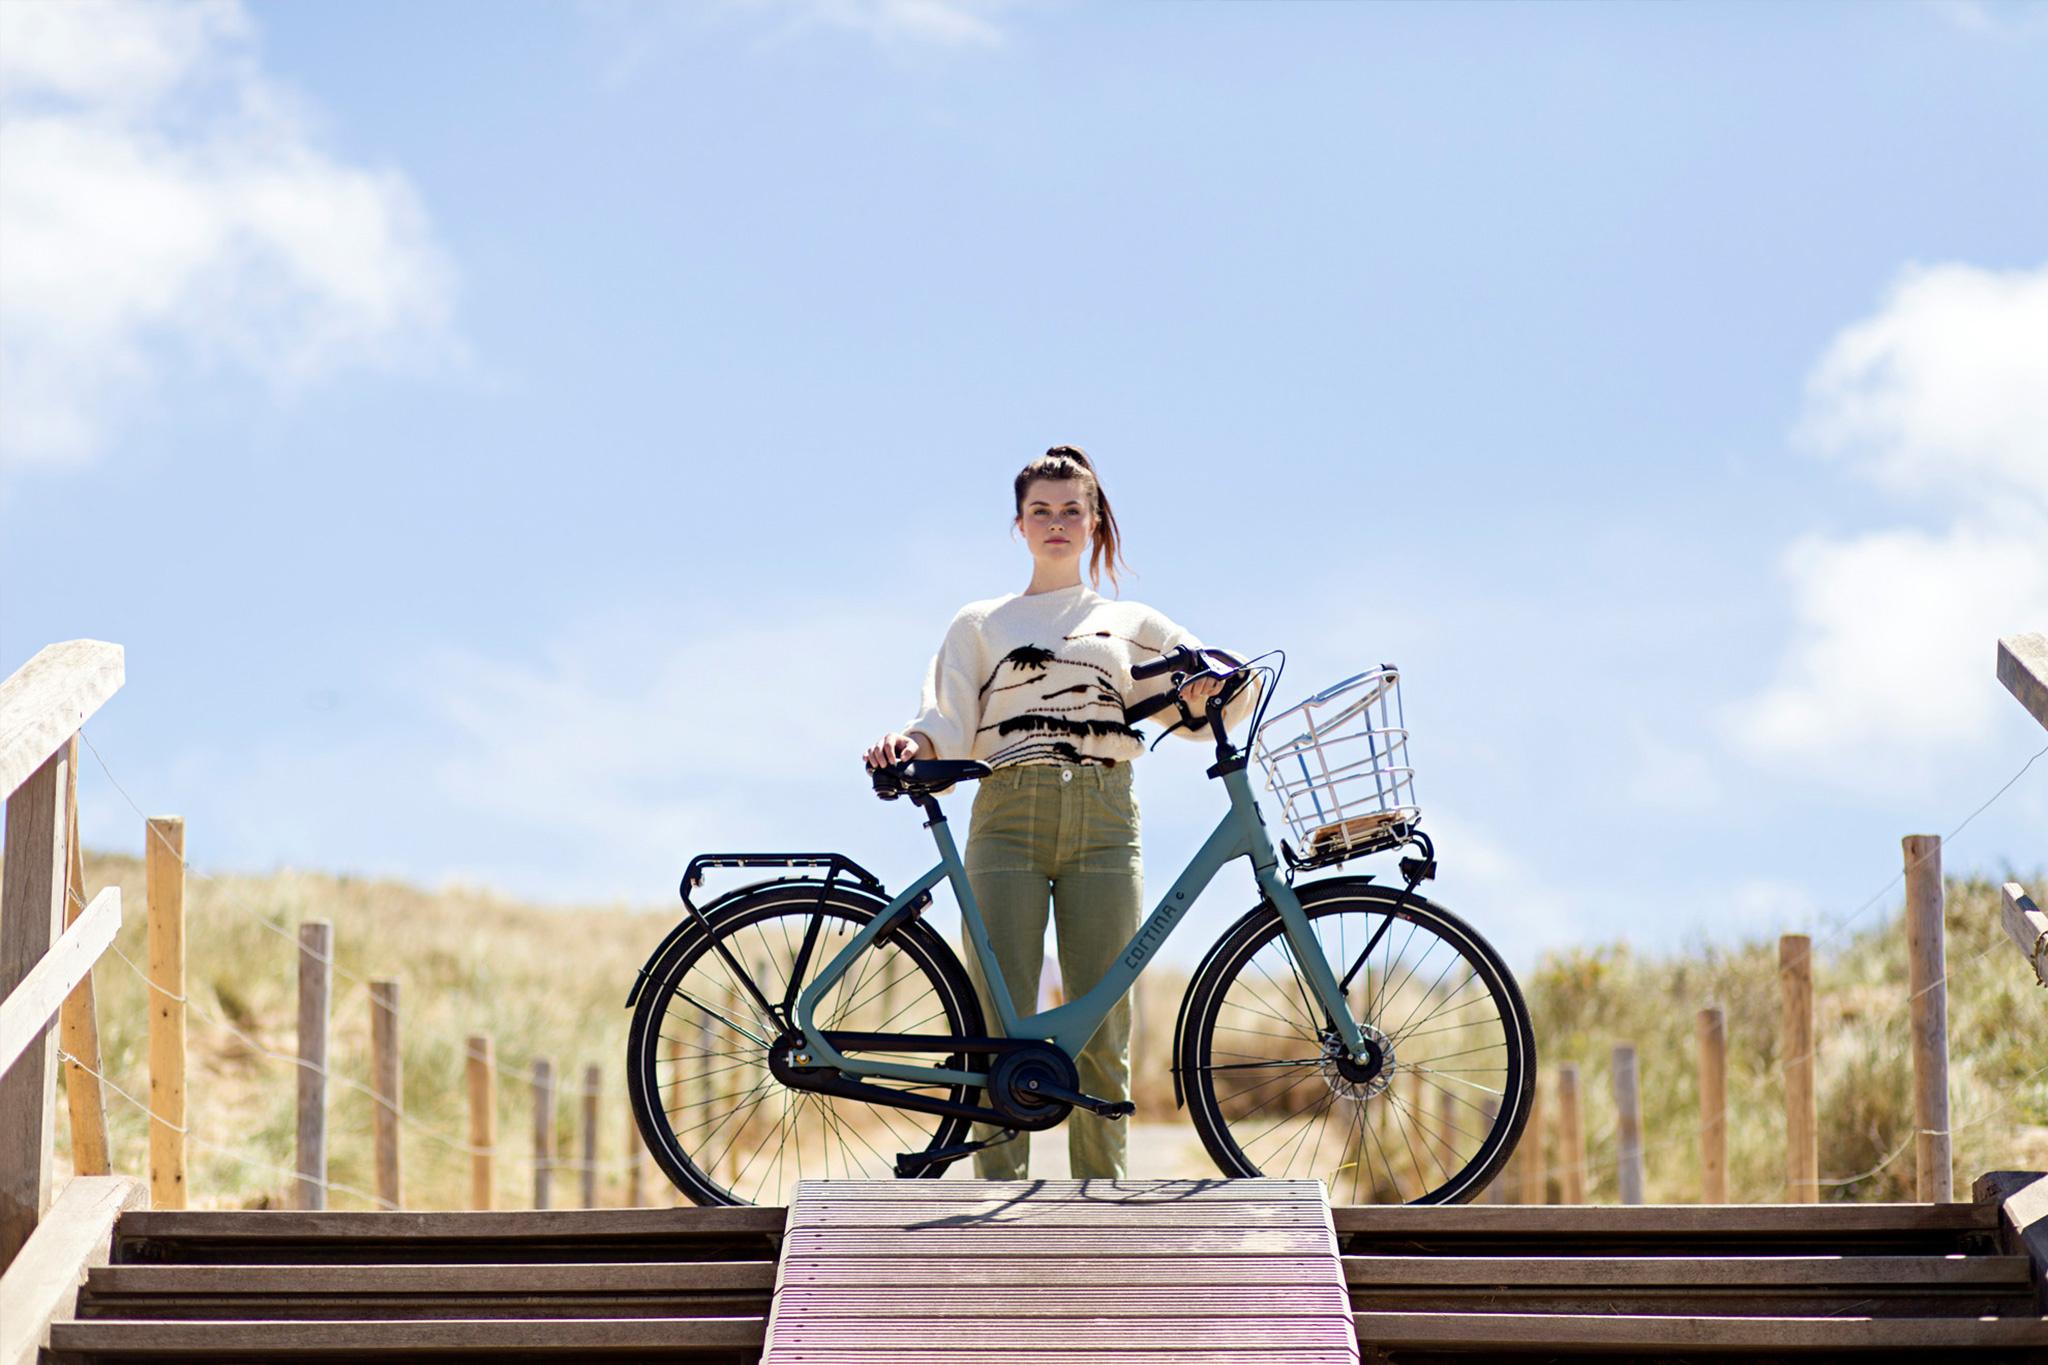 Een fiets kopen en achteraf betalen